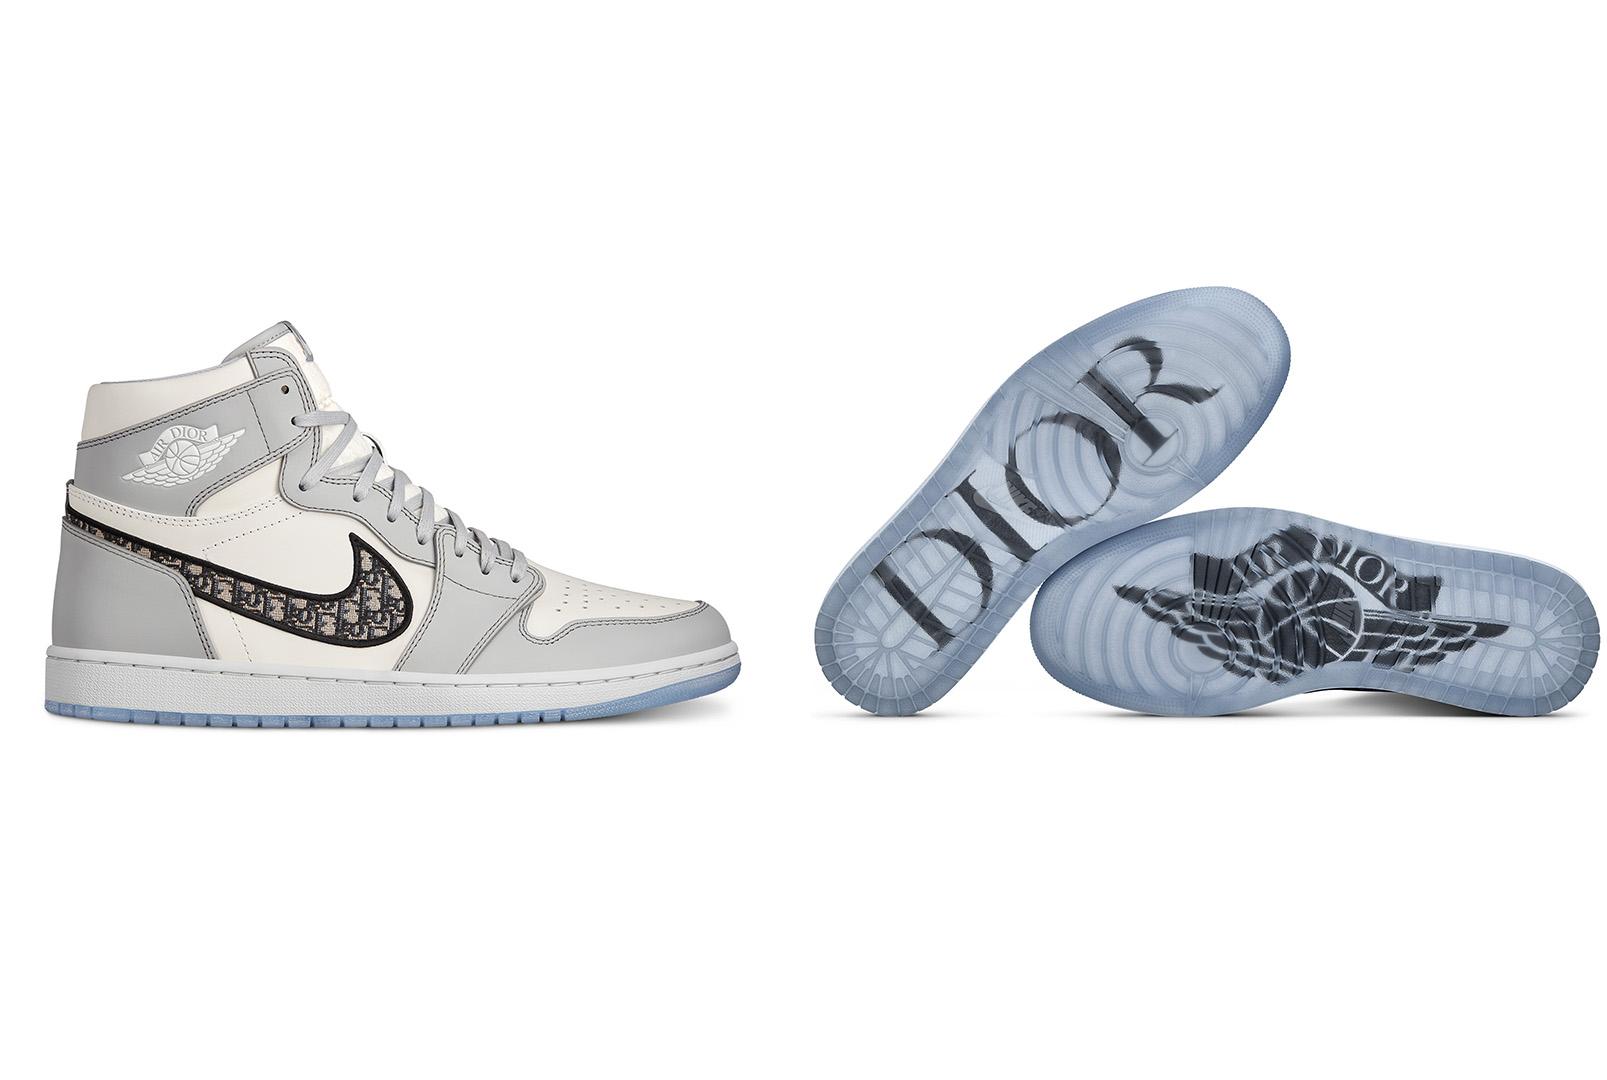 The Air Jordan 1 OG Dior